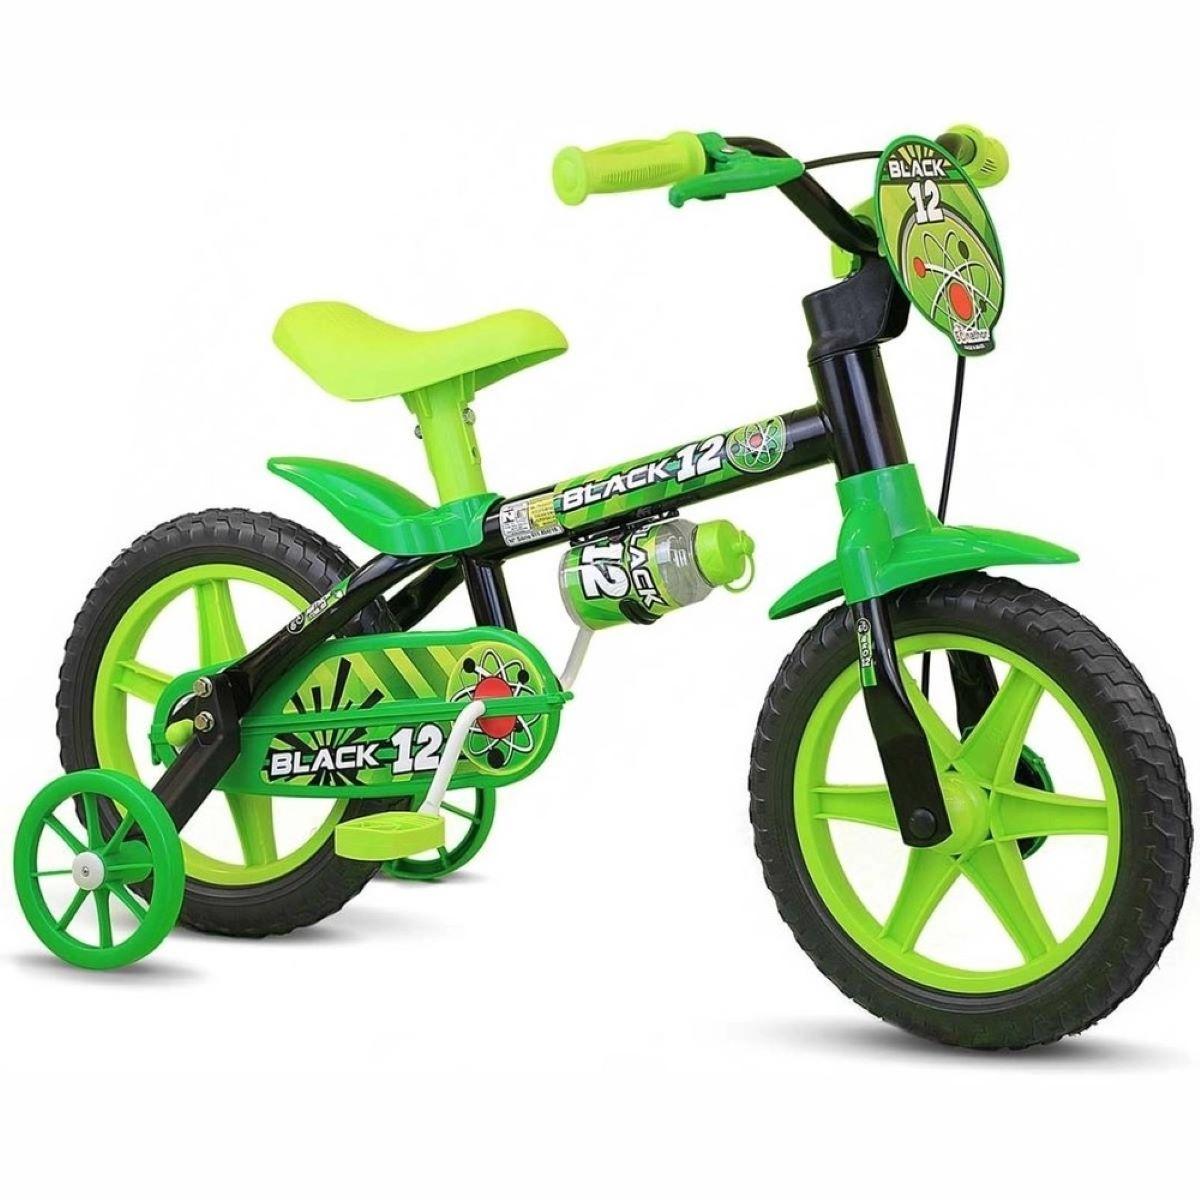 Bicicleta Infantil Nathor Aro 12 Menino Black De 2 A 5 Anos